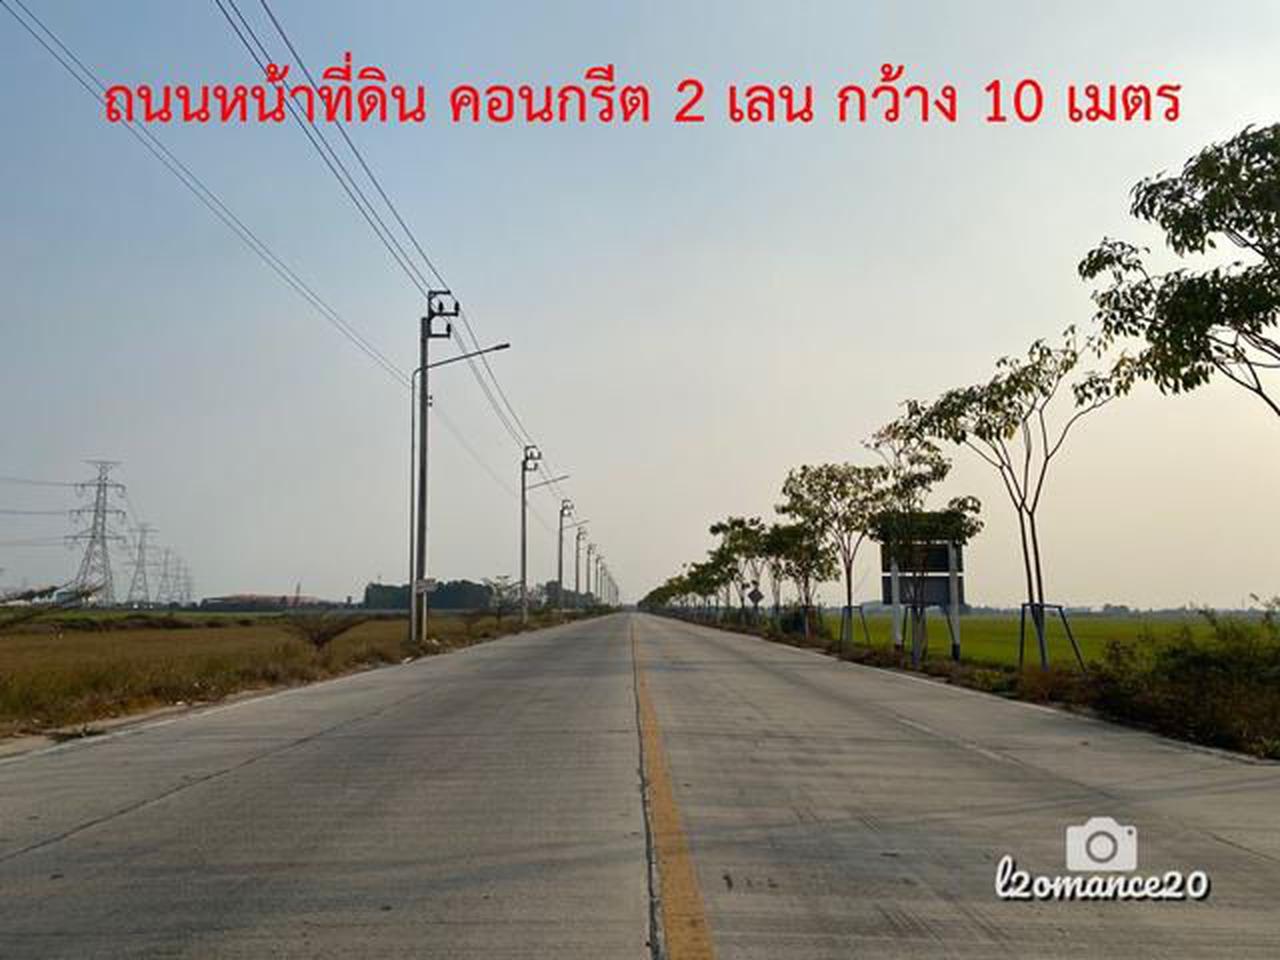 S301 ที่ดินแบ่งขายราคาถูก ขนาด 10 ไร่ ไทรน้อย นนทบุรี ราคา 4 ล้านบาท/ไร่ รูปที่ 2